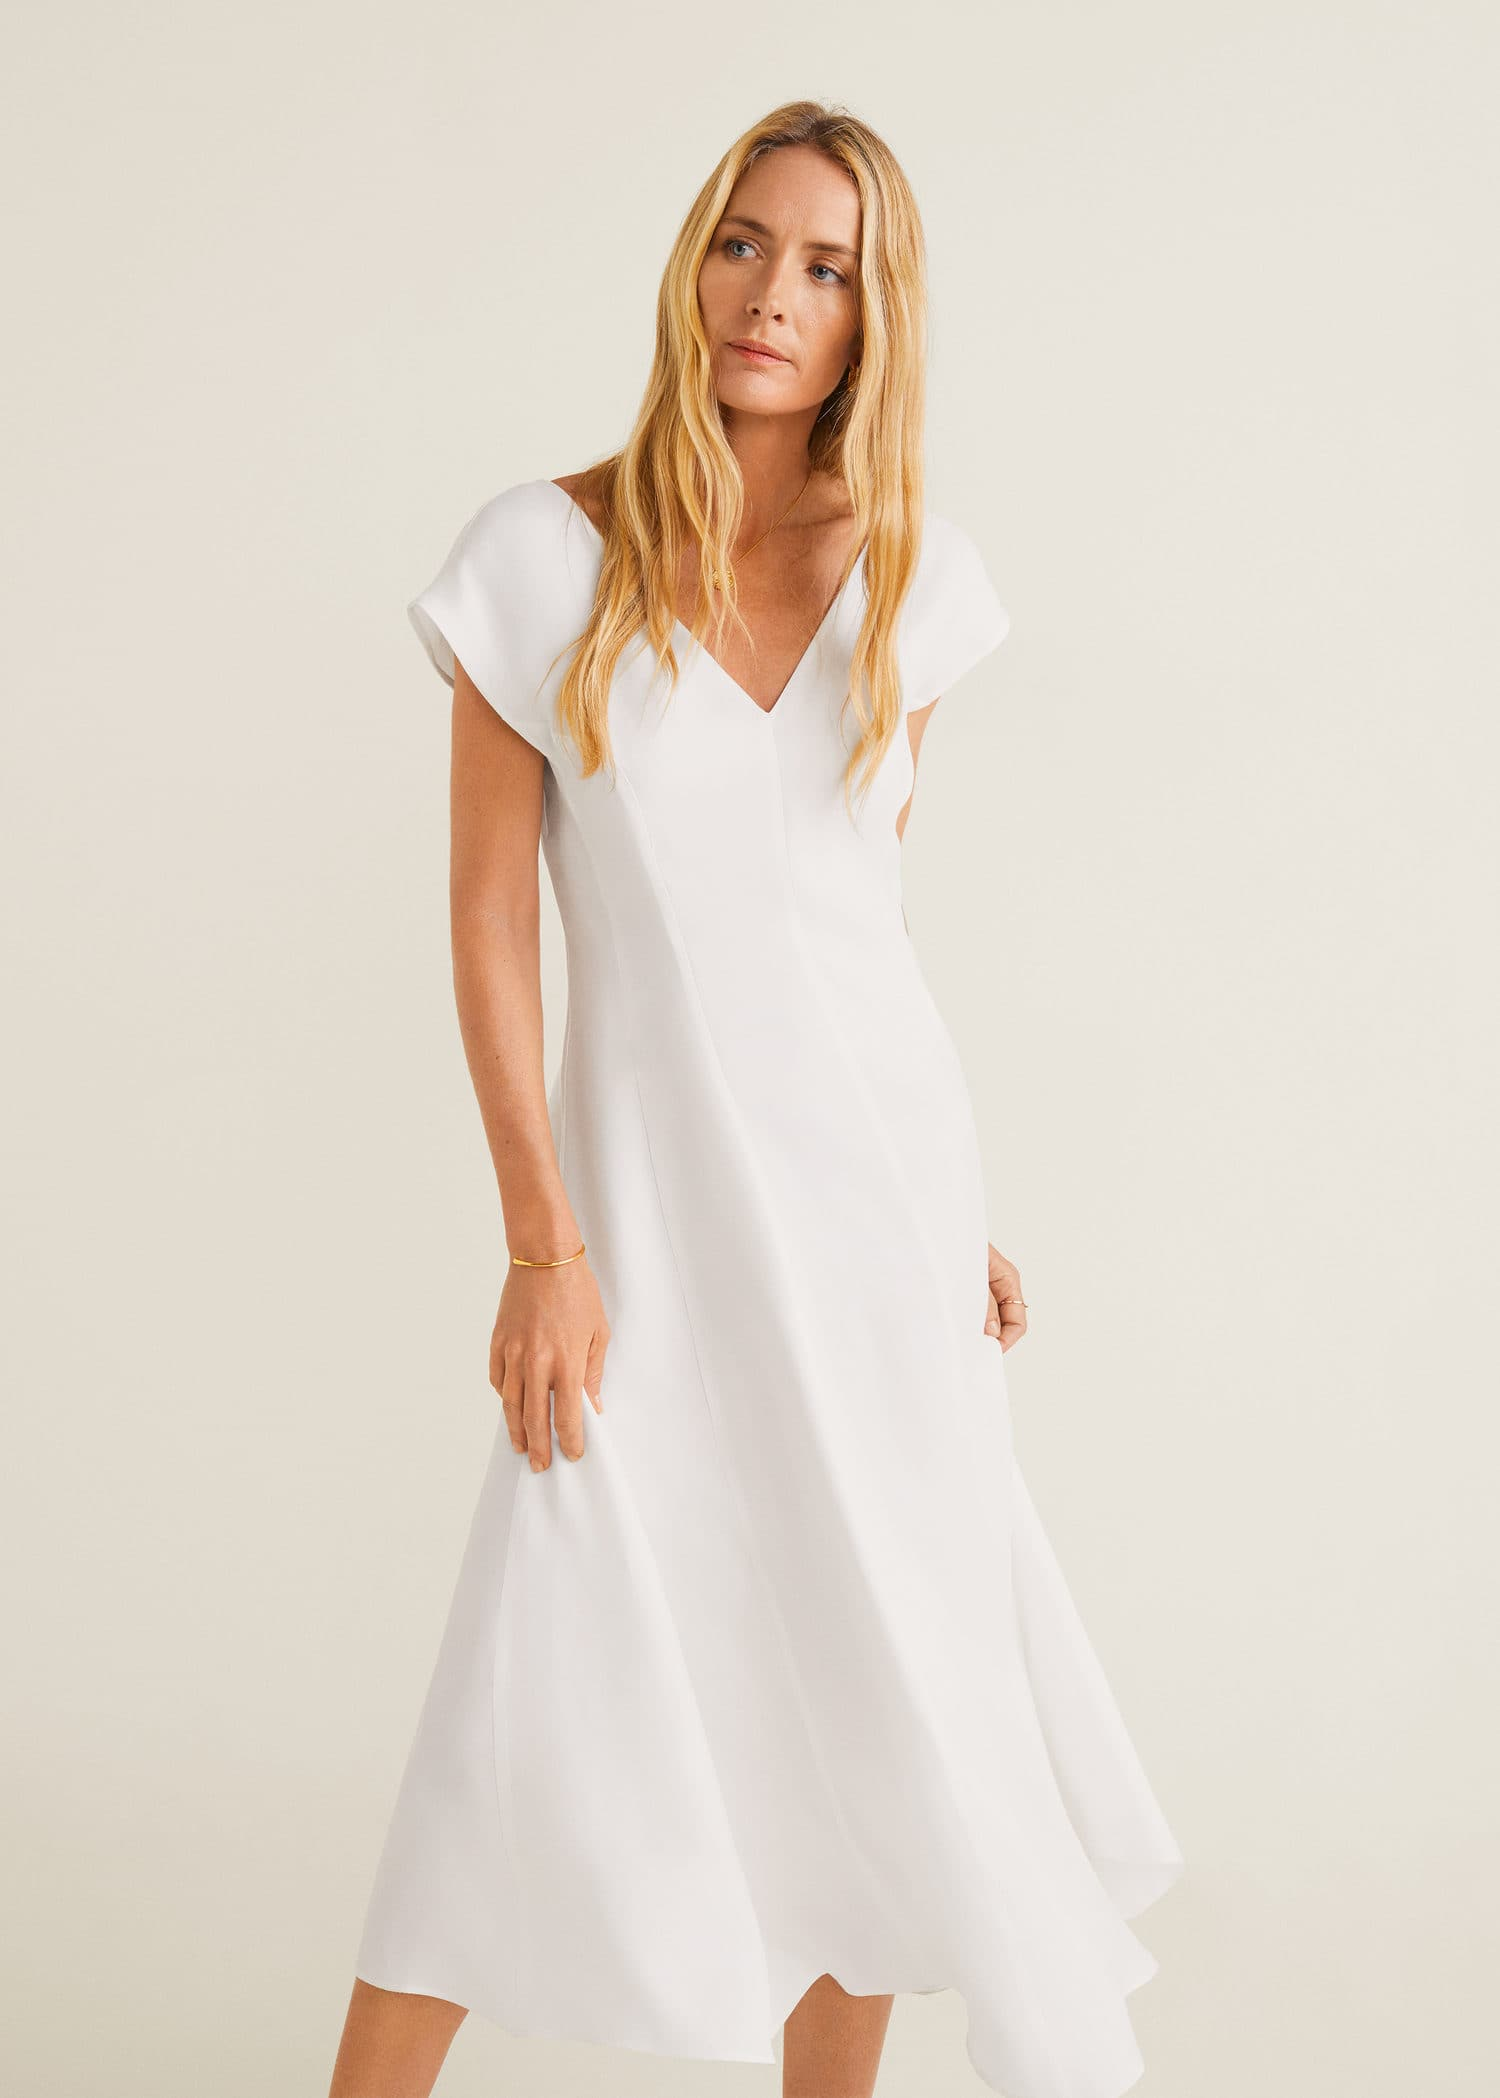 Vestidos largos sencillos y baratos